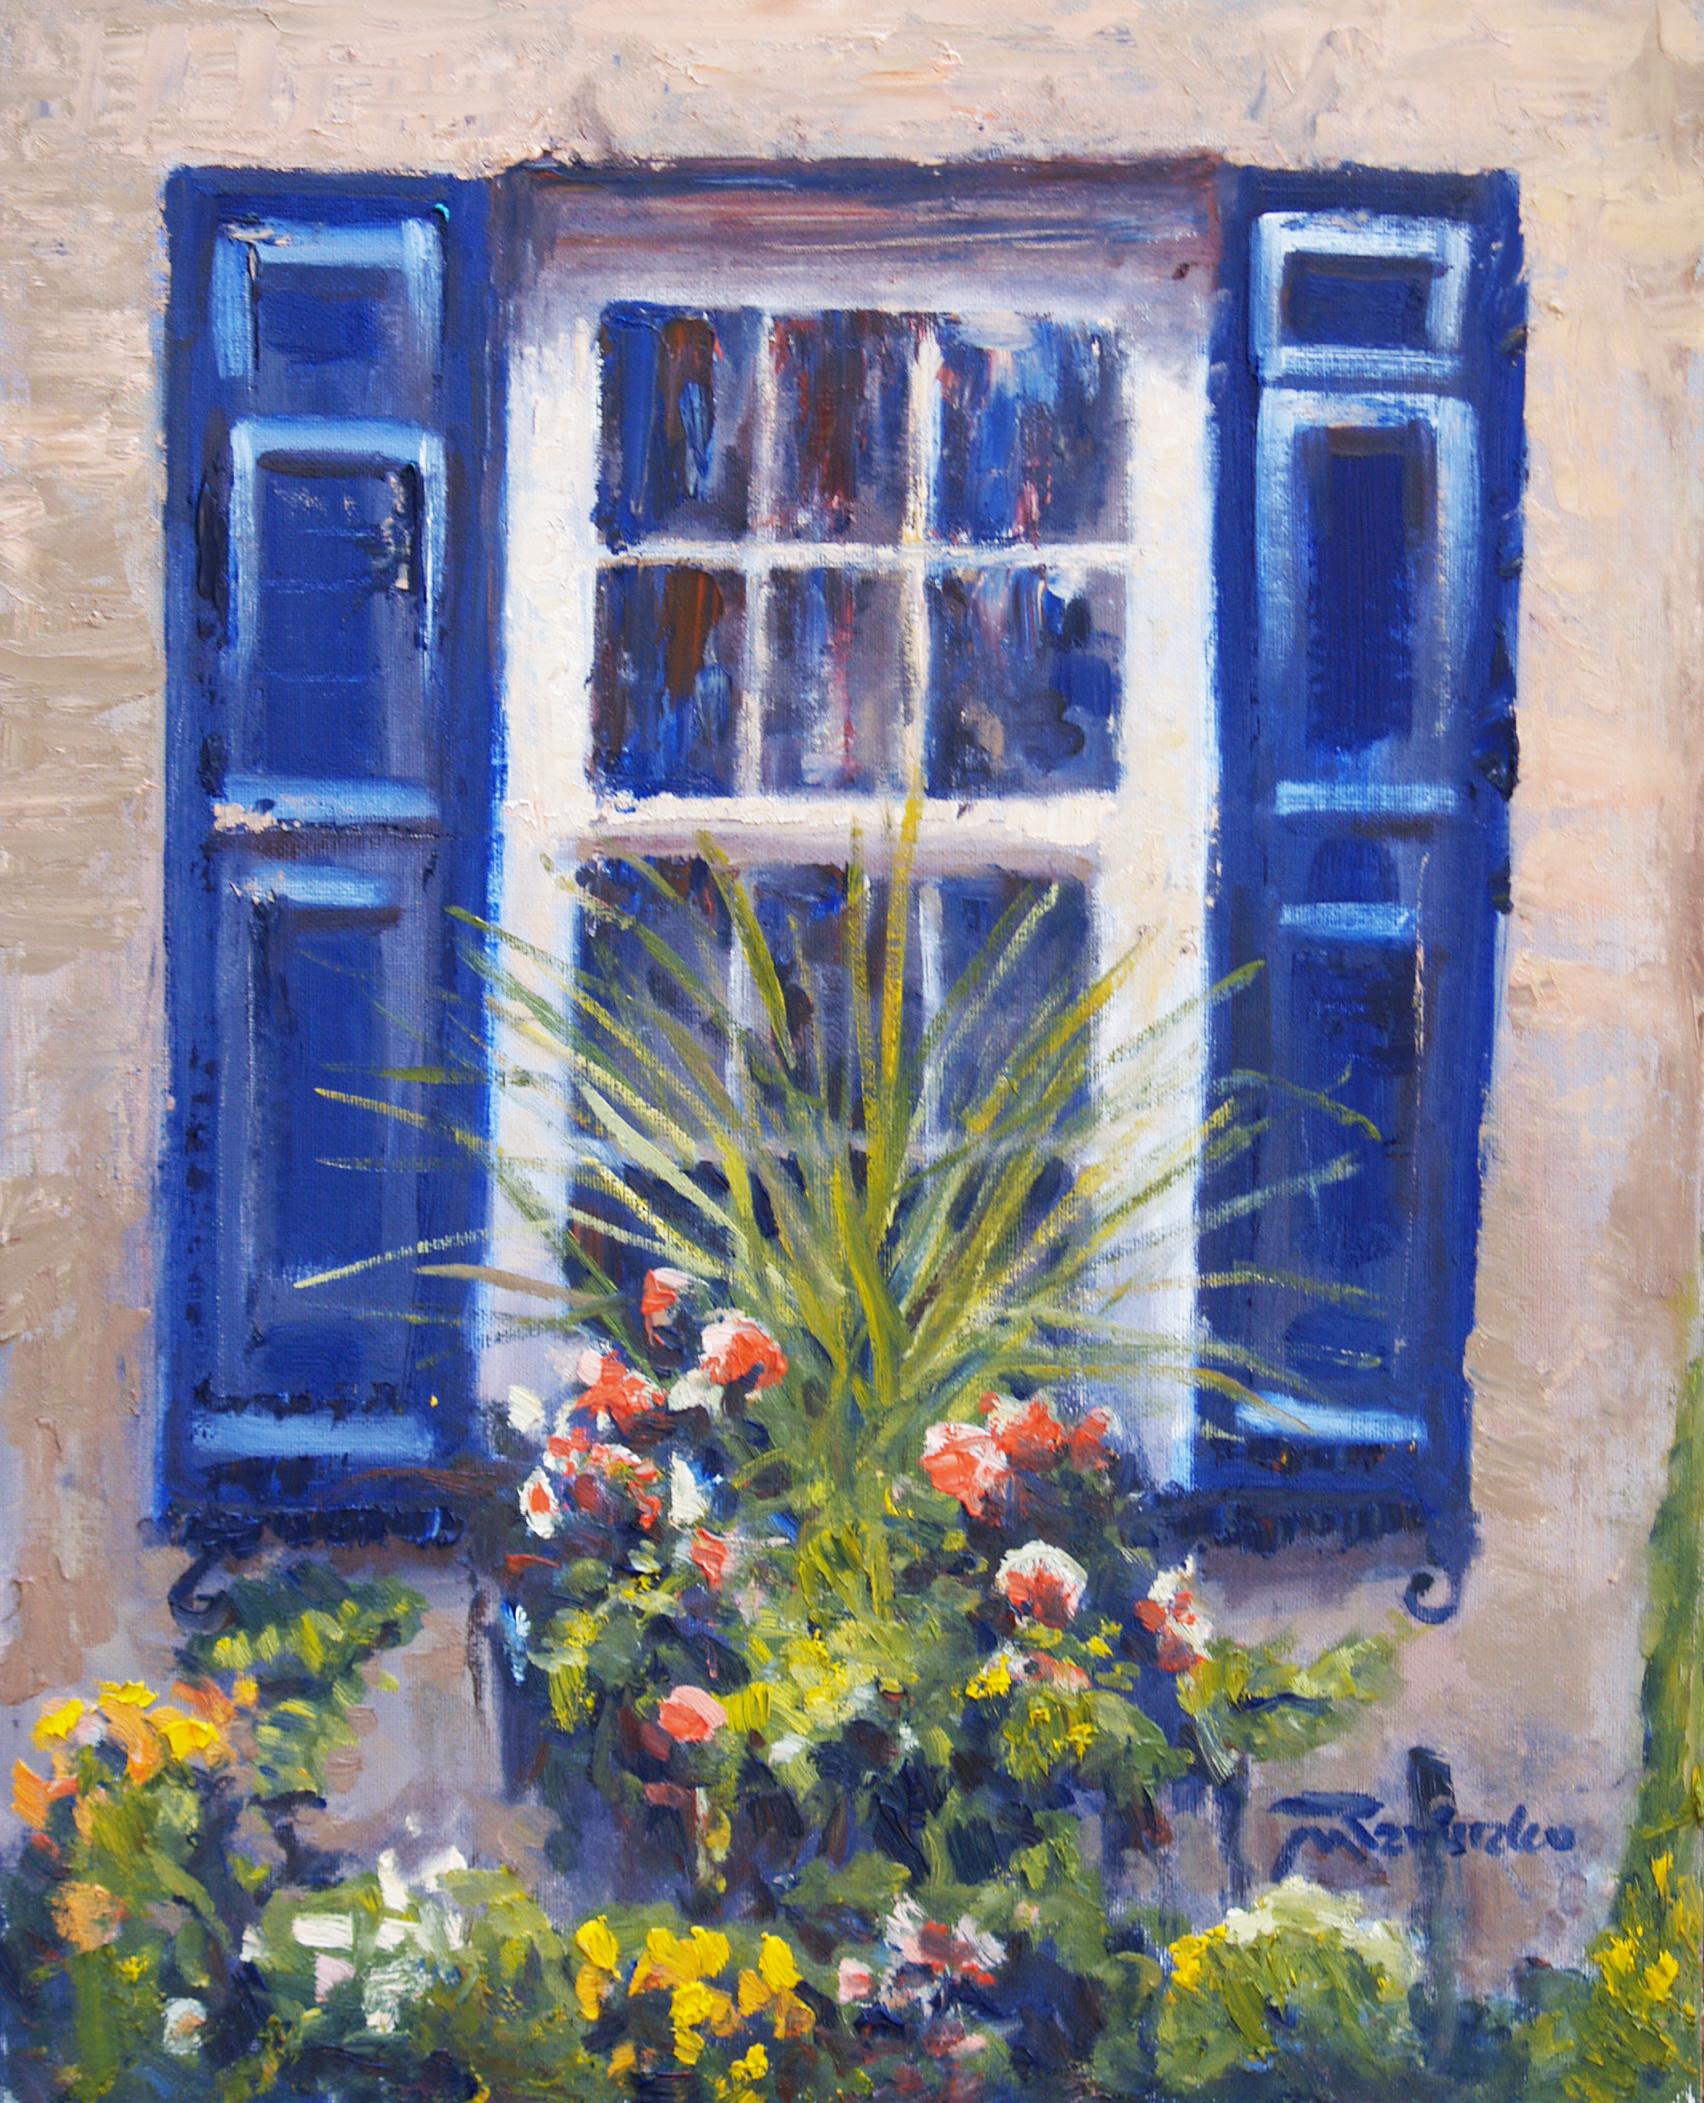 Window Box #3